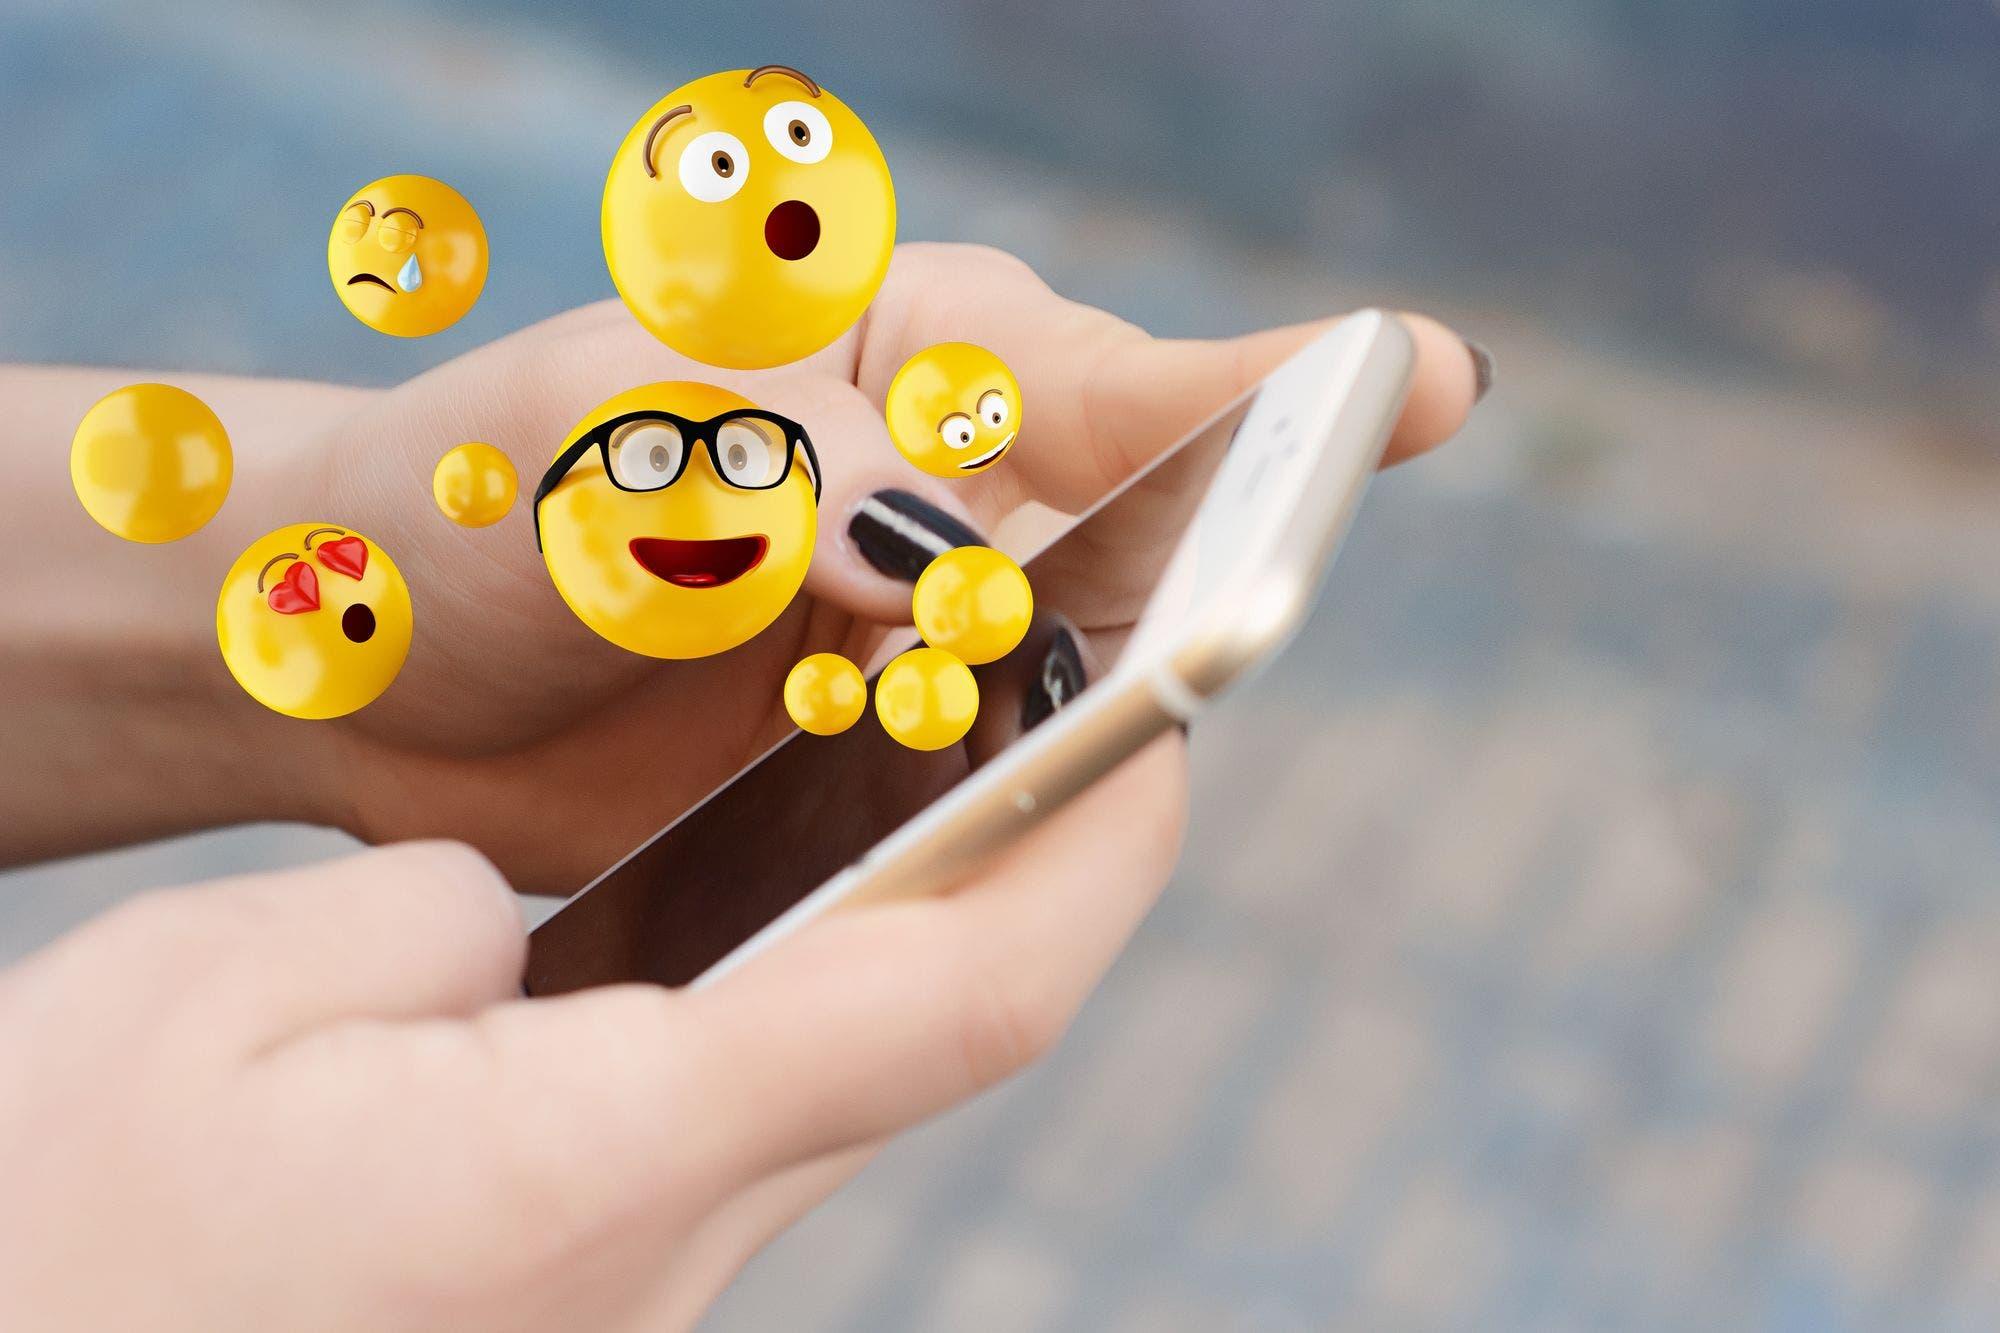 Día Mundial del Emoji: qué es y por qué se celebra hoy